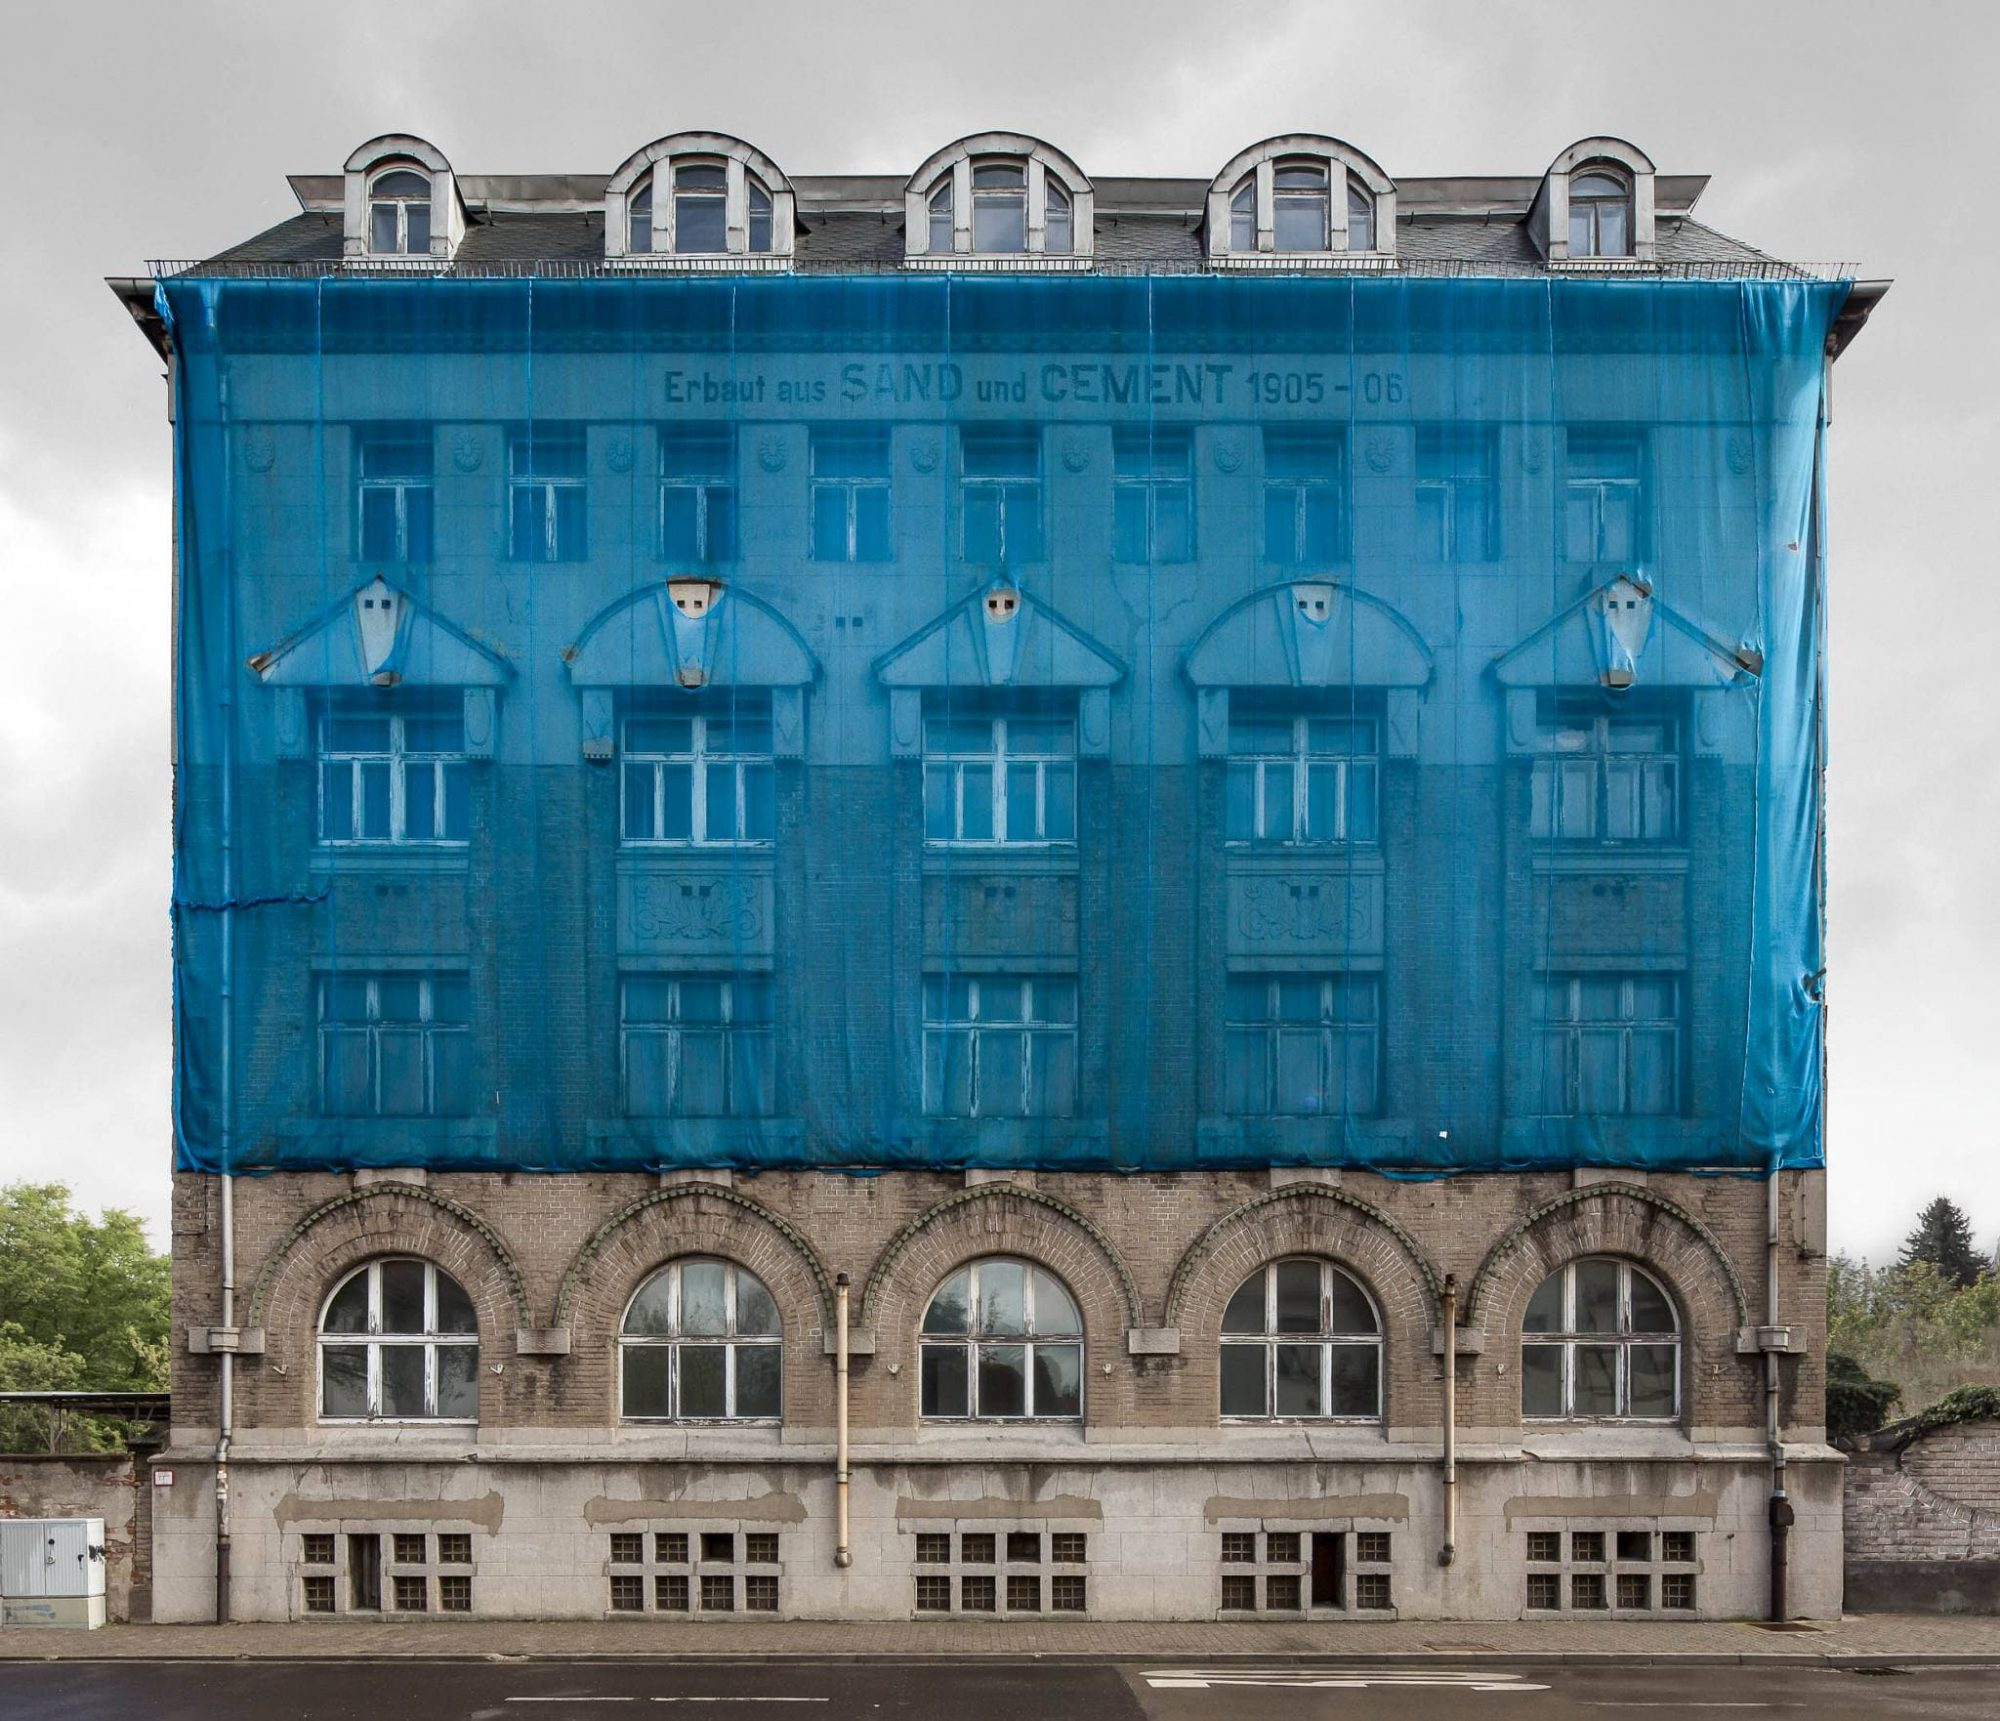 Regentaucher Architekturfotografie | Awaiting Leipzig Cement